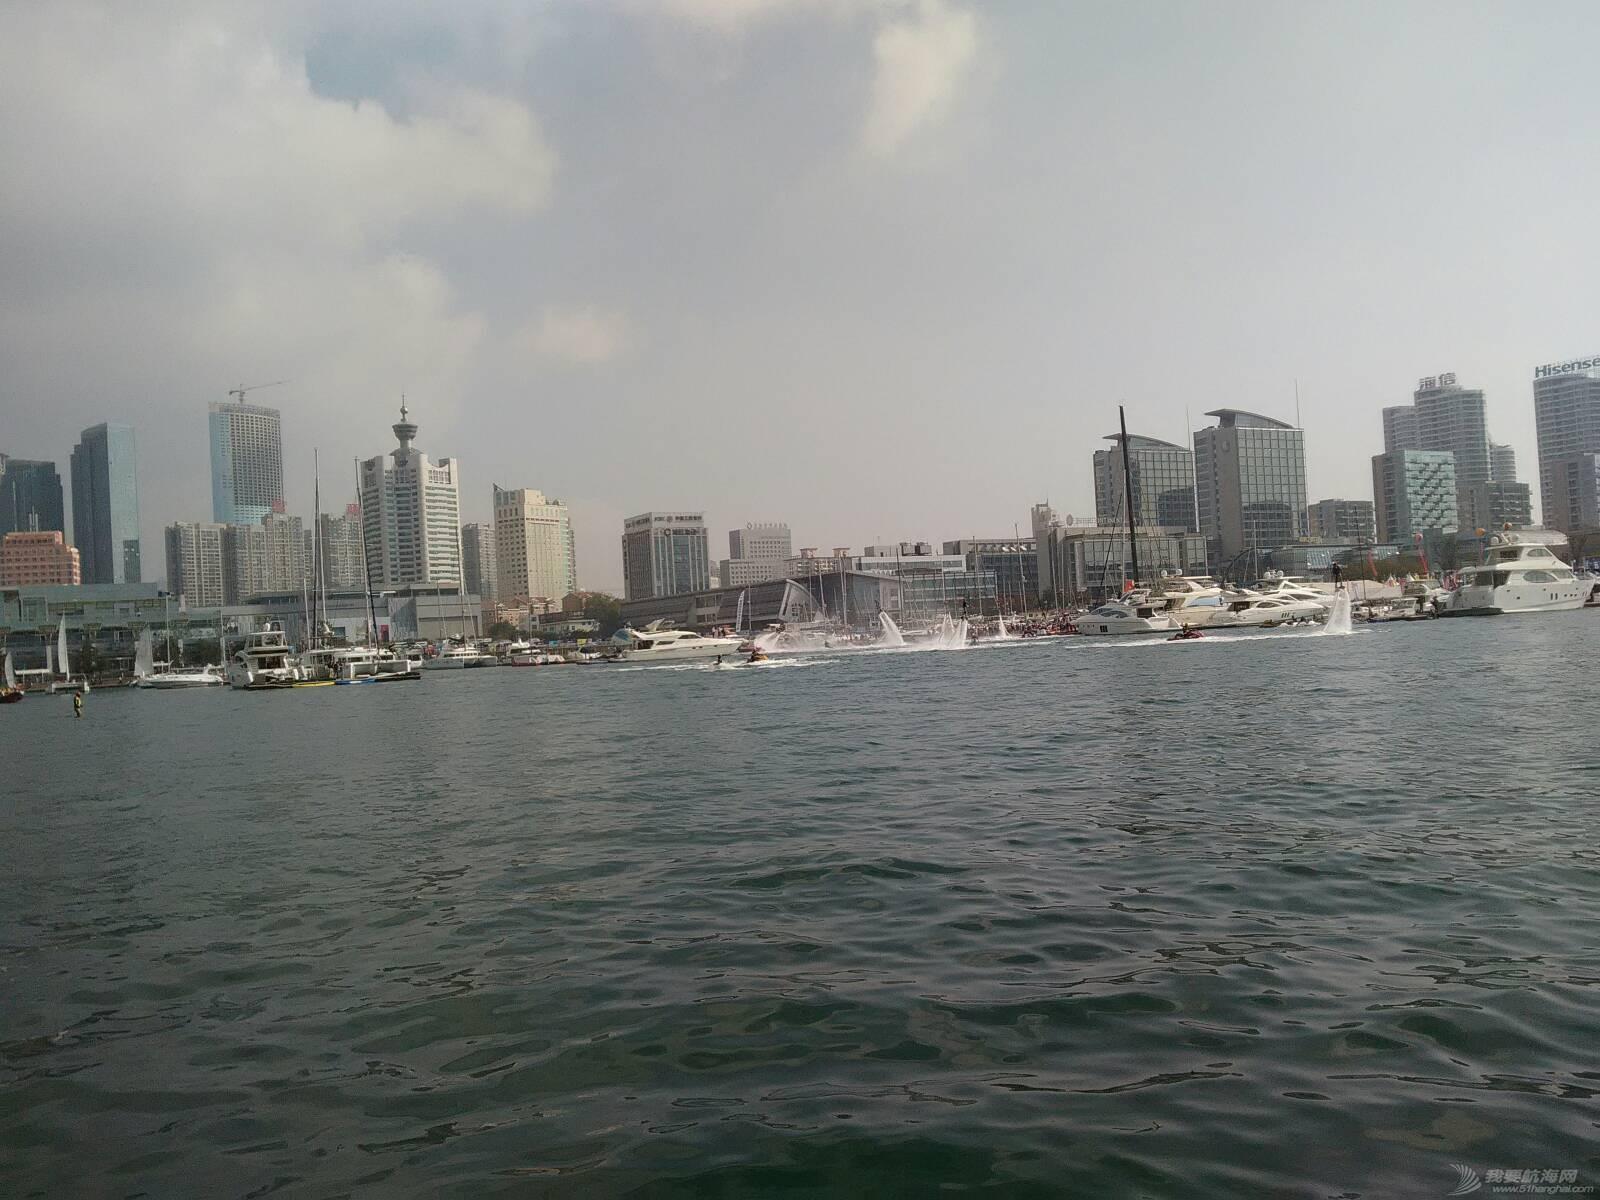 一上午好热闹的码头啊 134450jybiavc4u6dz84ao.jpg